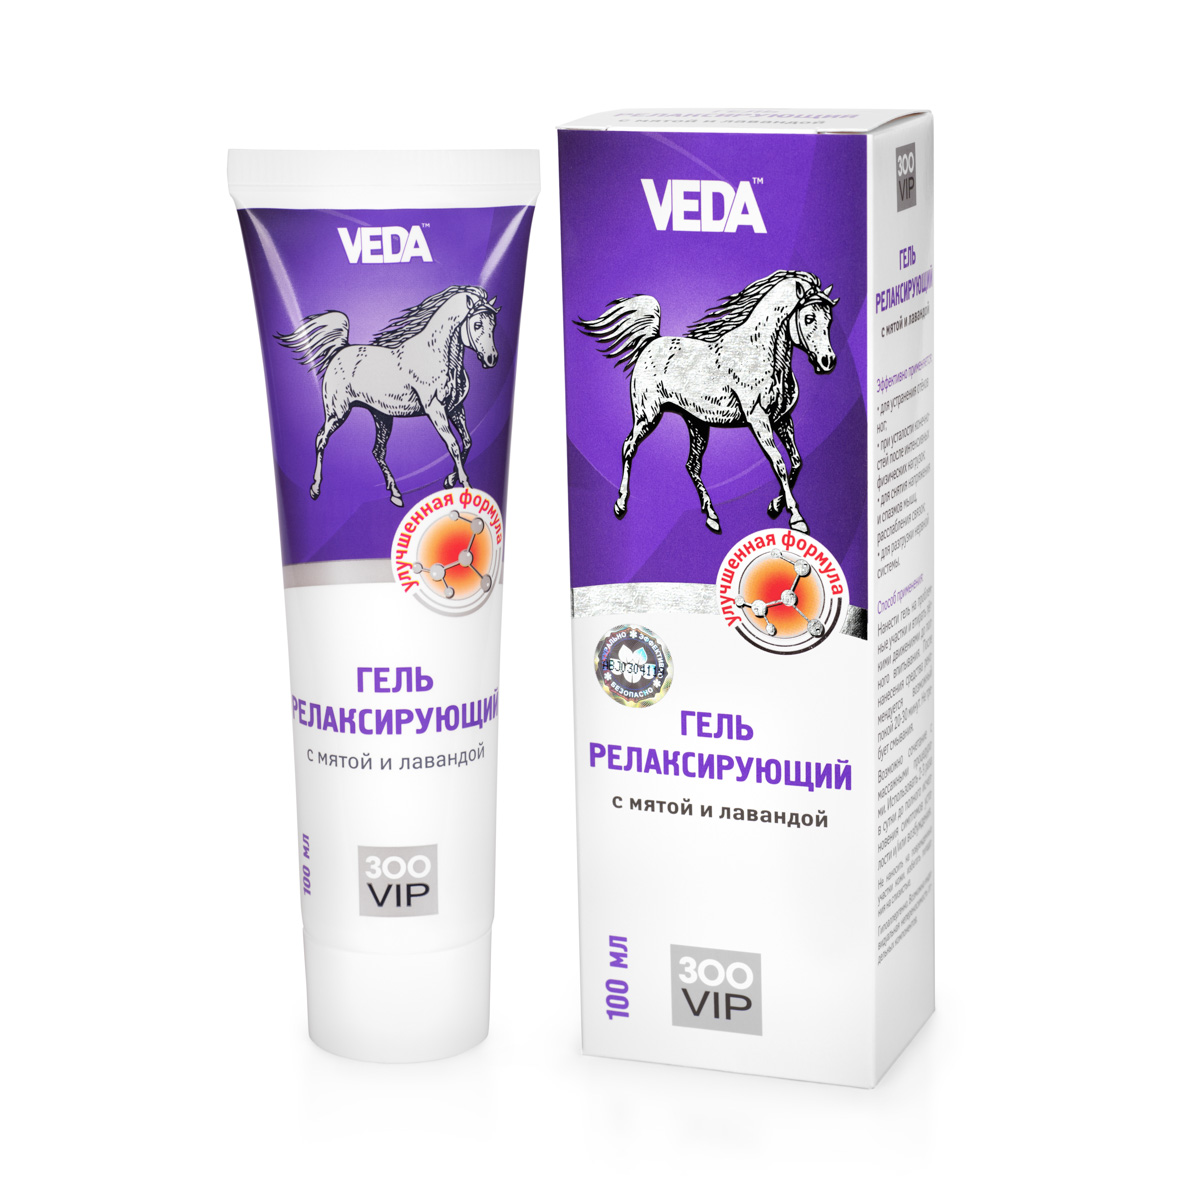 Гель для лошадей VEDA ЗооVip, релаксирующий, с мятой и лавандой, 100 мл12171996Гель для лошадей VEDA ЗооVip приносит мгновенное облегчение при уходе за конечностями благодаря специальным комплексам, оказывающим заметный эффект по 3 направлениям: расслабление, снятие отёков, разгрузка нервной системы.Охлаждающий комплекс действует немедленно после нанесения, снижая температуру кожи и снимая ощущение тяжести и усталости в ногах.Фитокомплекс донника, арники и плодов конского каштана способствует укреплению стенок капилляров, обеспечивает улучшение венозного кровообращения, эффективно устраняет отёчность.Лаванда оказывает антистрессовое воздействие, устраняет эмоциональное напряжение.Состав: вода очищенная; глицерин; натуральный ментол; флокаре ЕТ58; камфора; лаванды масло эфирное; фитокомплекс: плодов каштана, травы донника, цветков арники, прополиса; мяты масло эфирное; консервант.Товар сертифицирован.